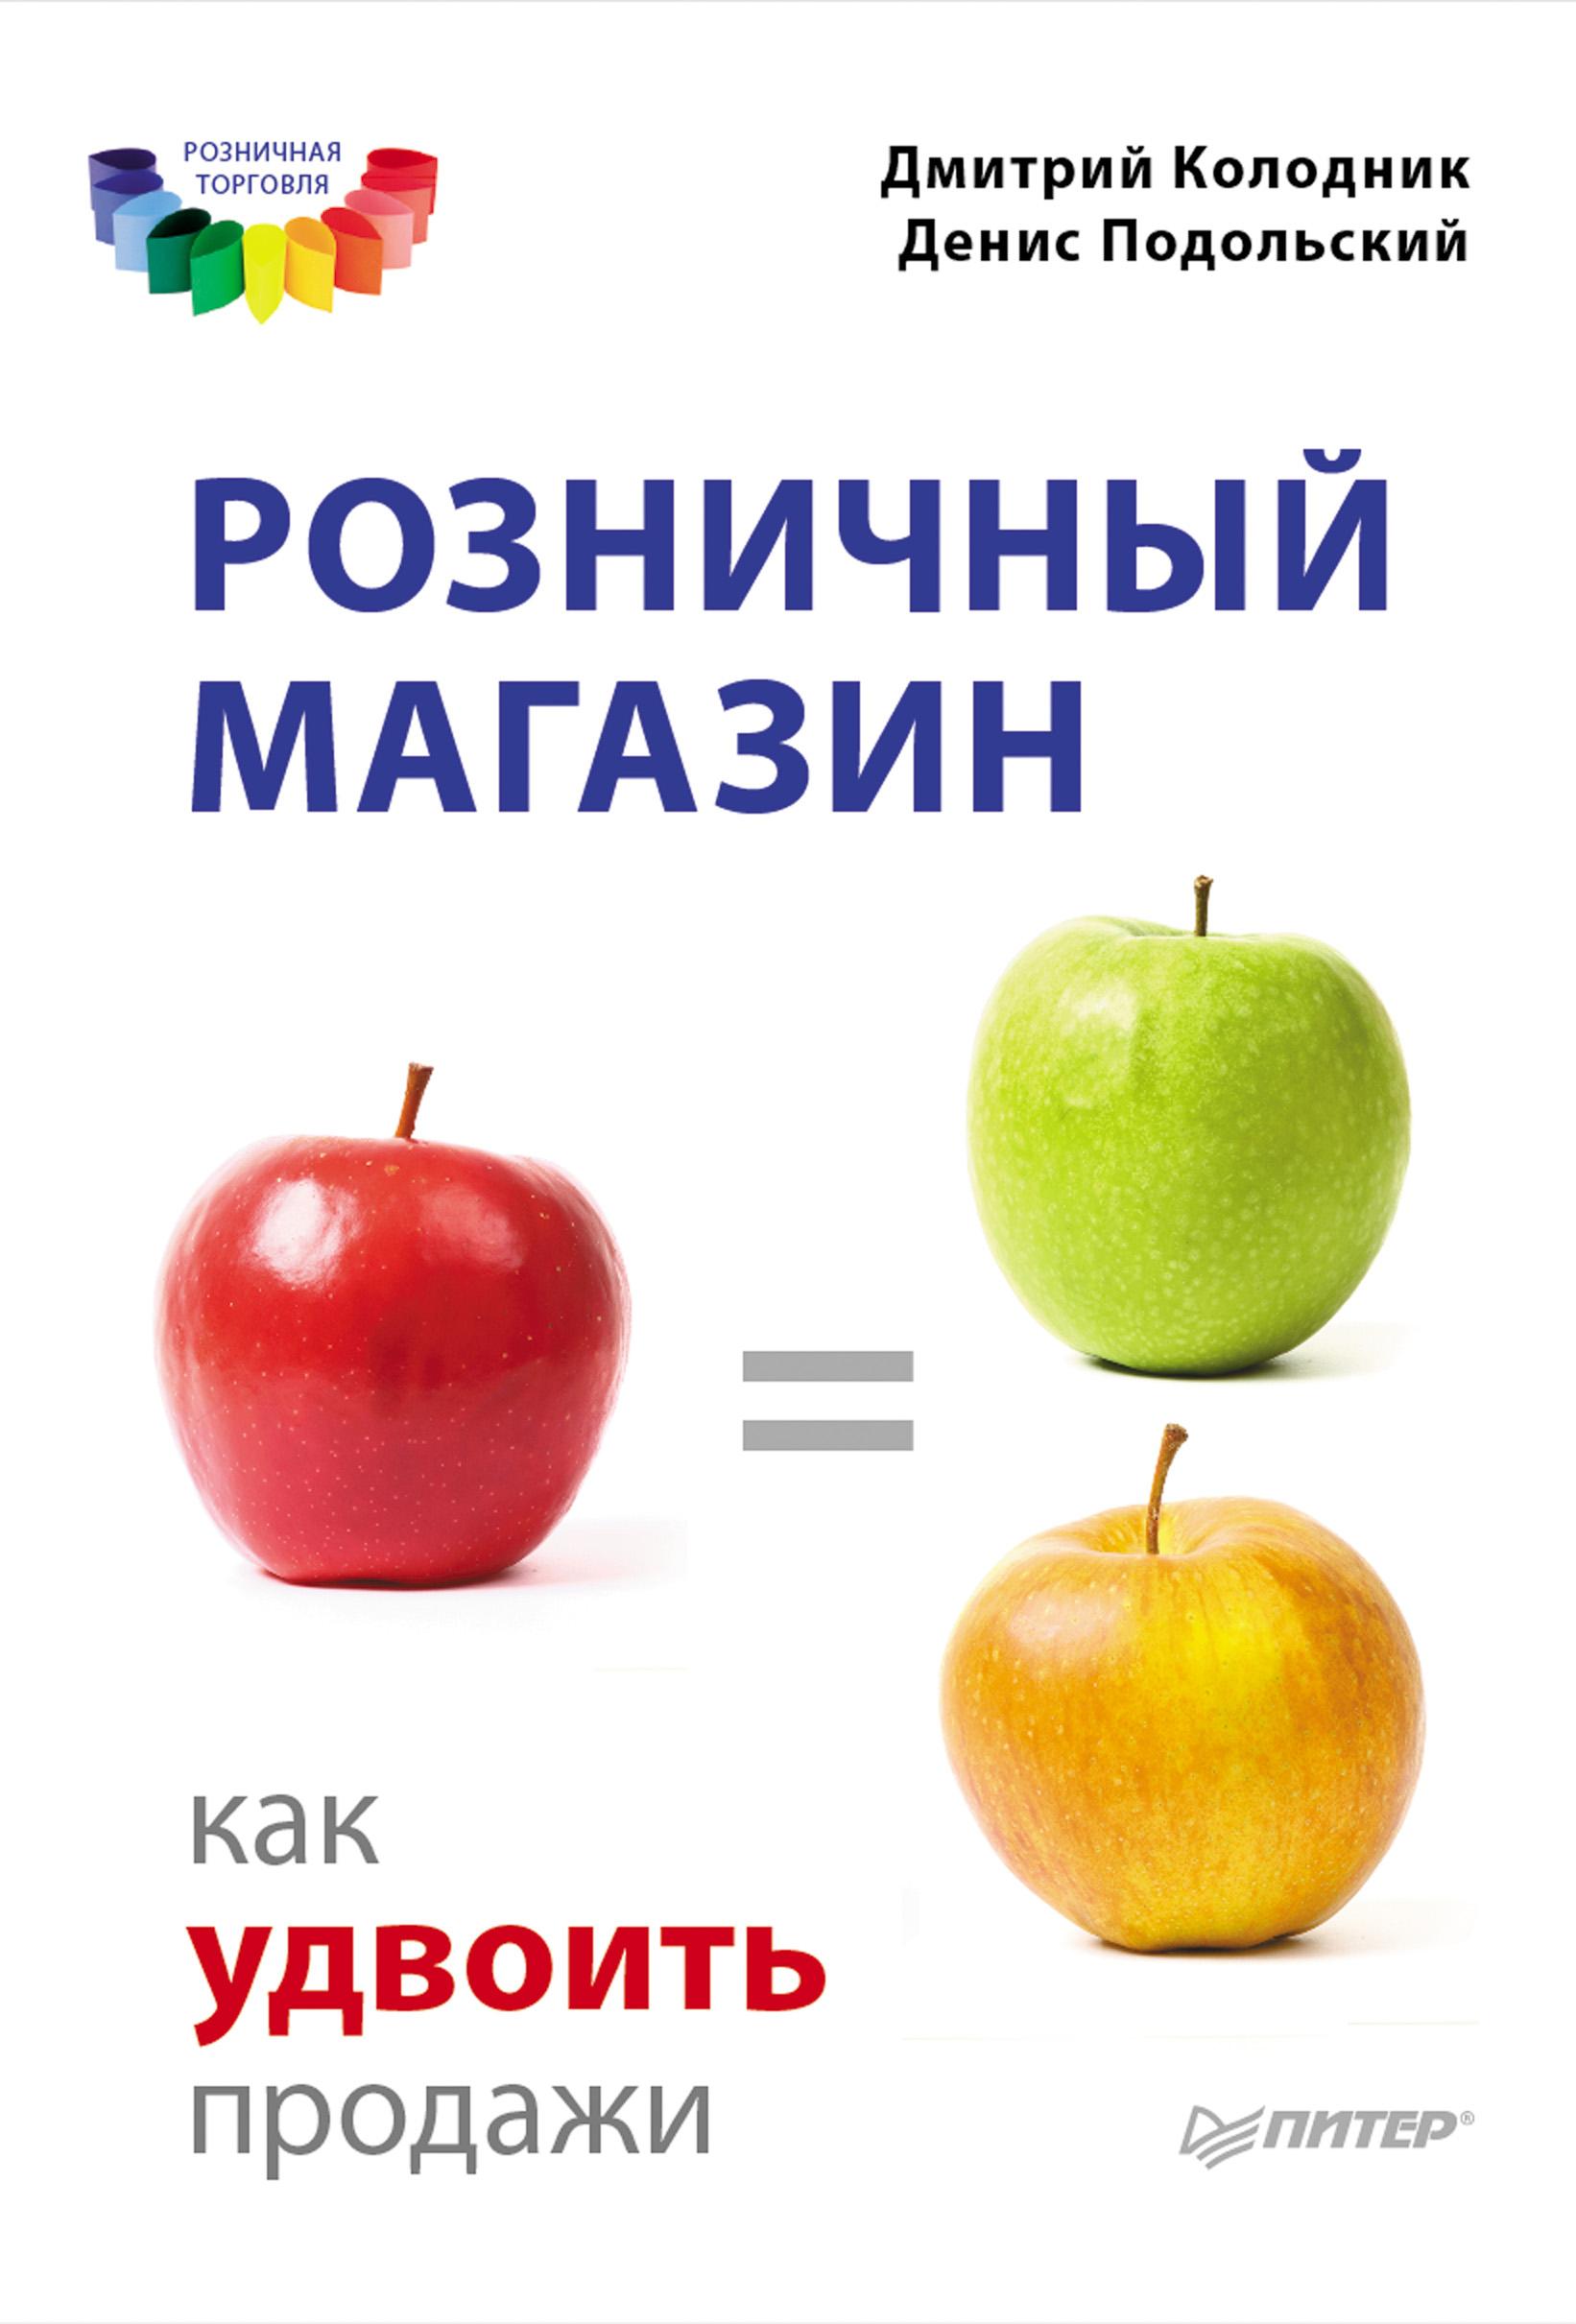 Денис Подольский Розничный магазин: как удвоить продажи анна бочарова розничный магазин с чего начать как преуспеть